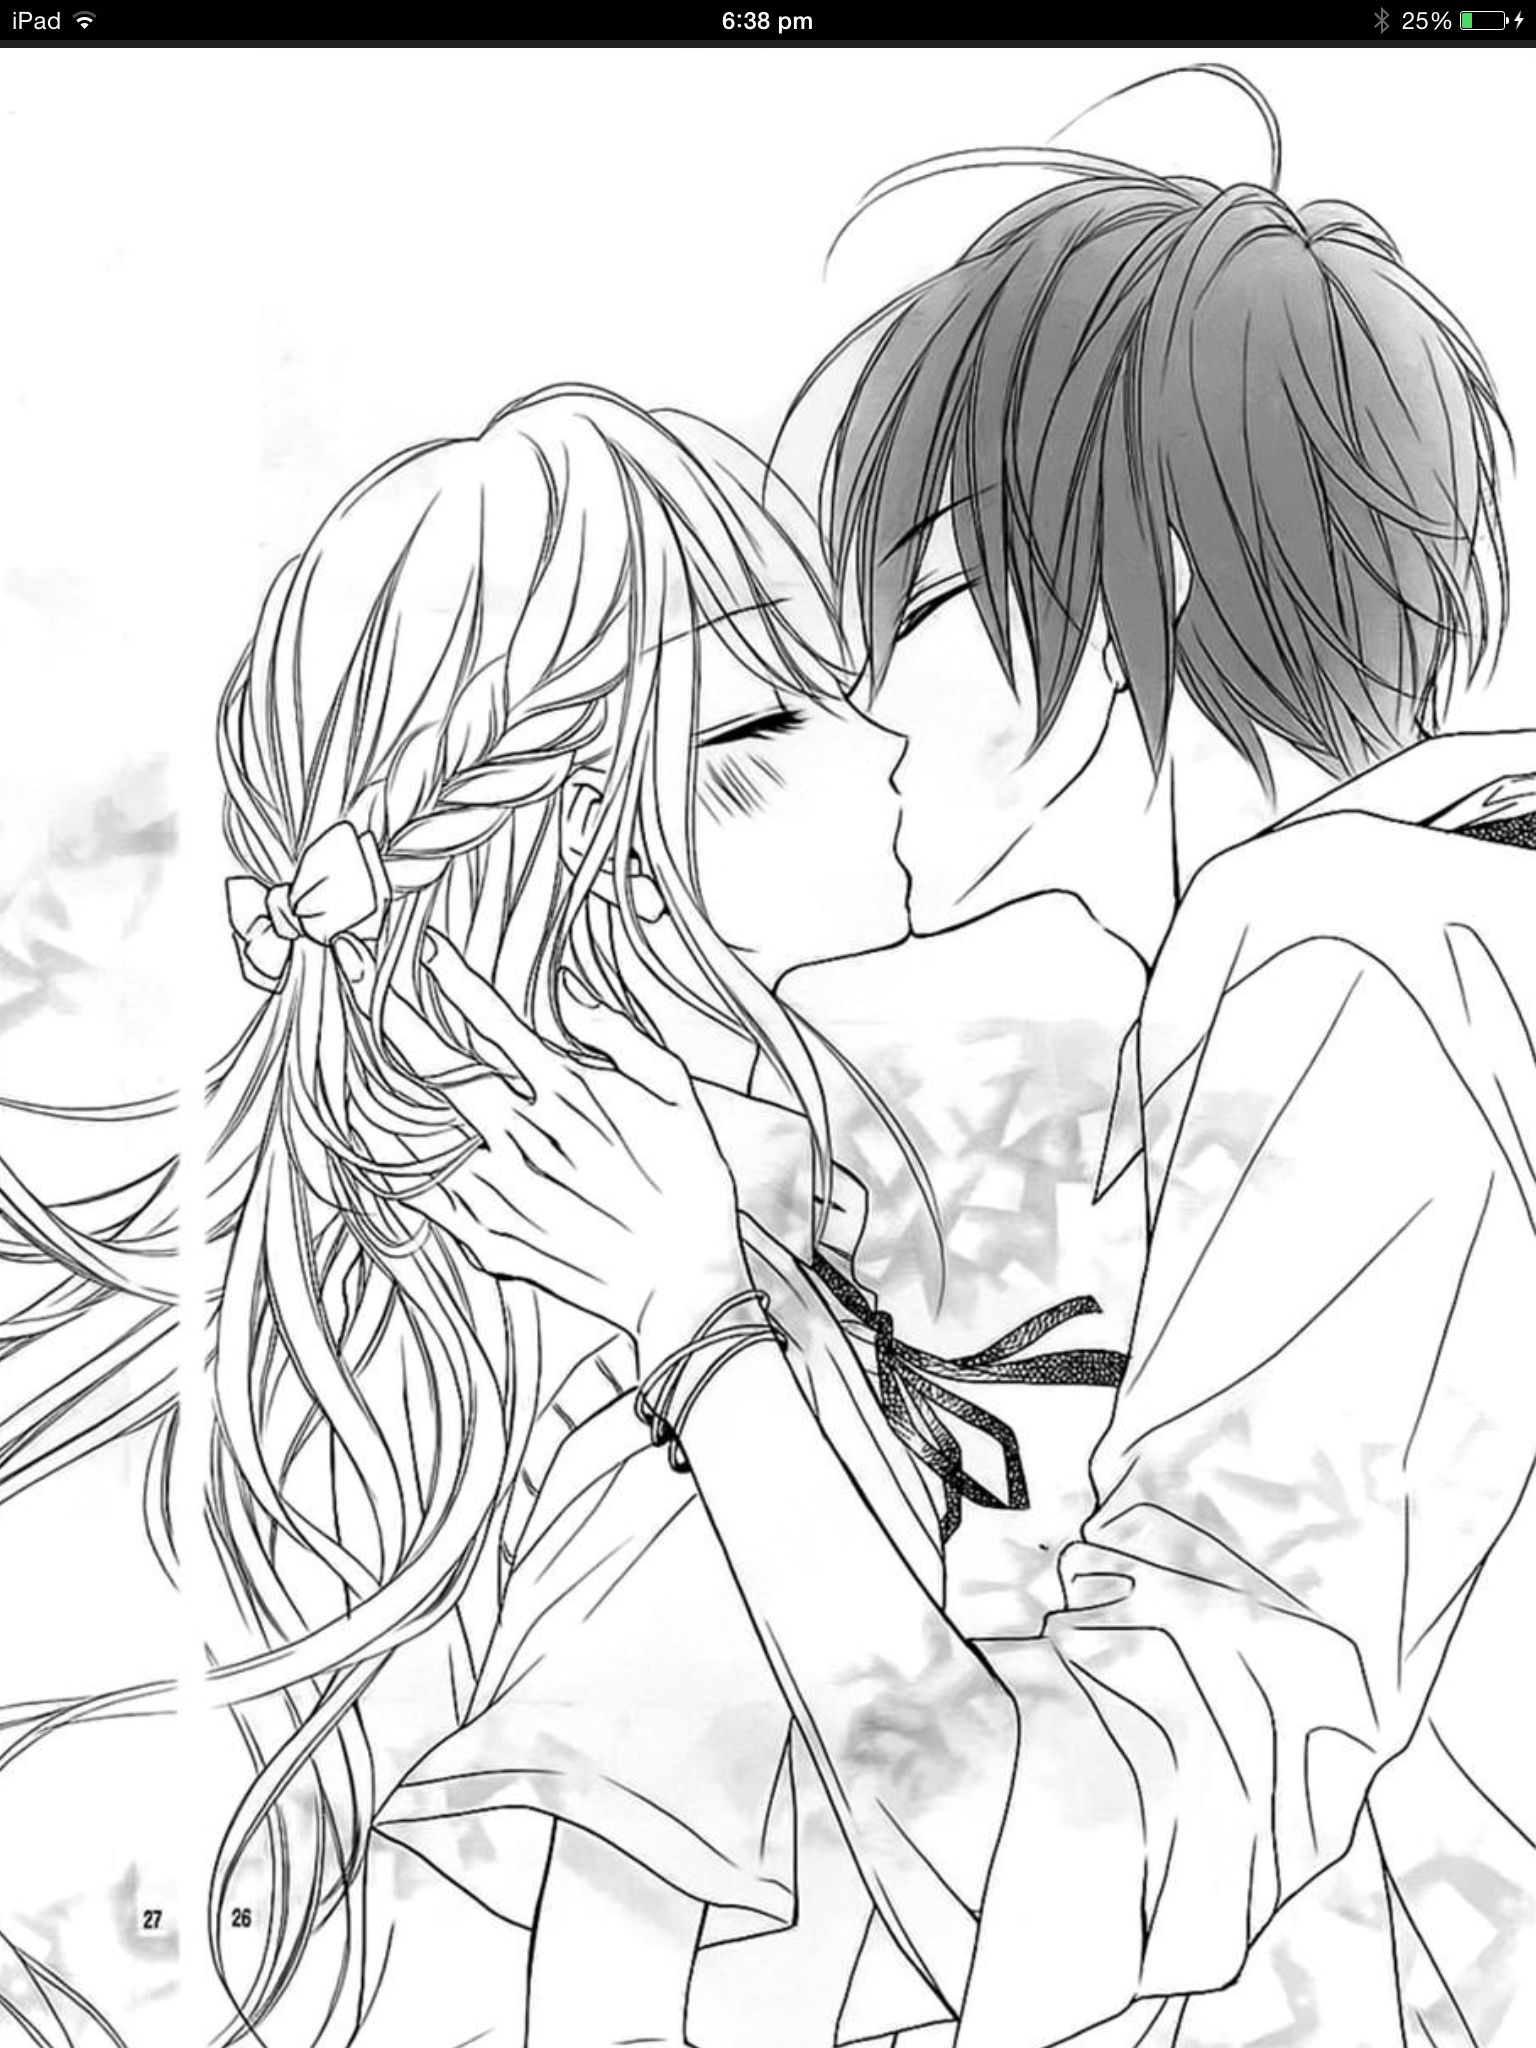 Dessin facile manga fille amoureuse dessin de manga - Comment colorier un manga ...